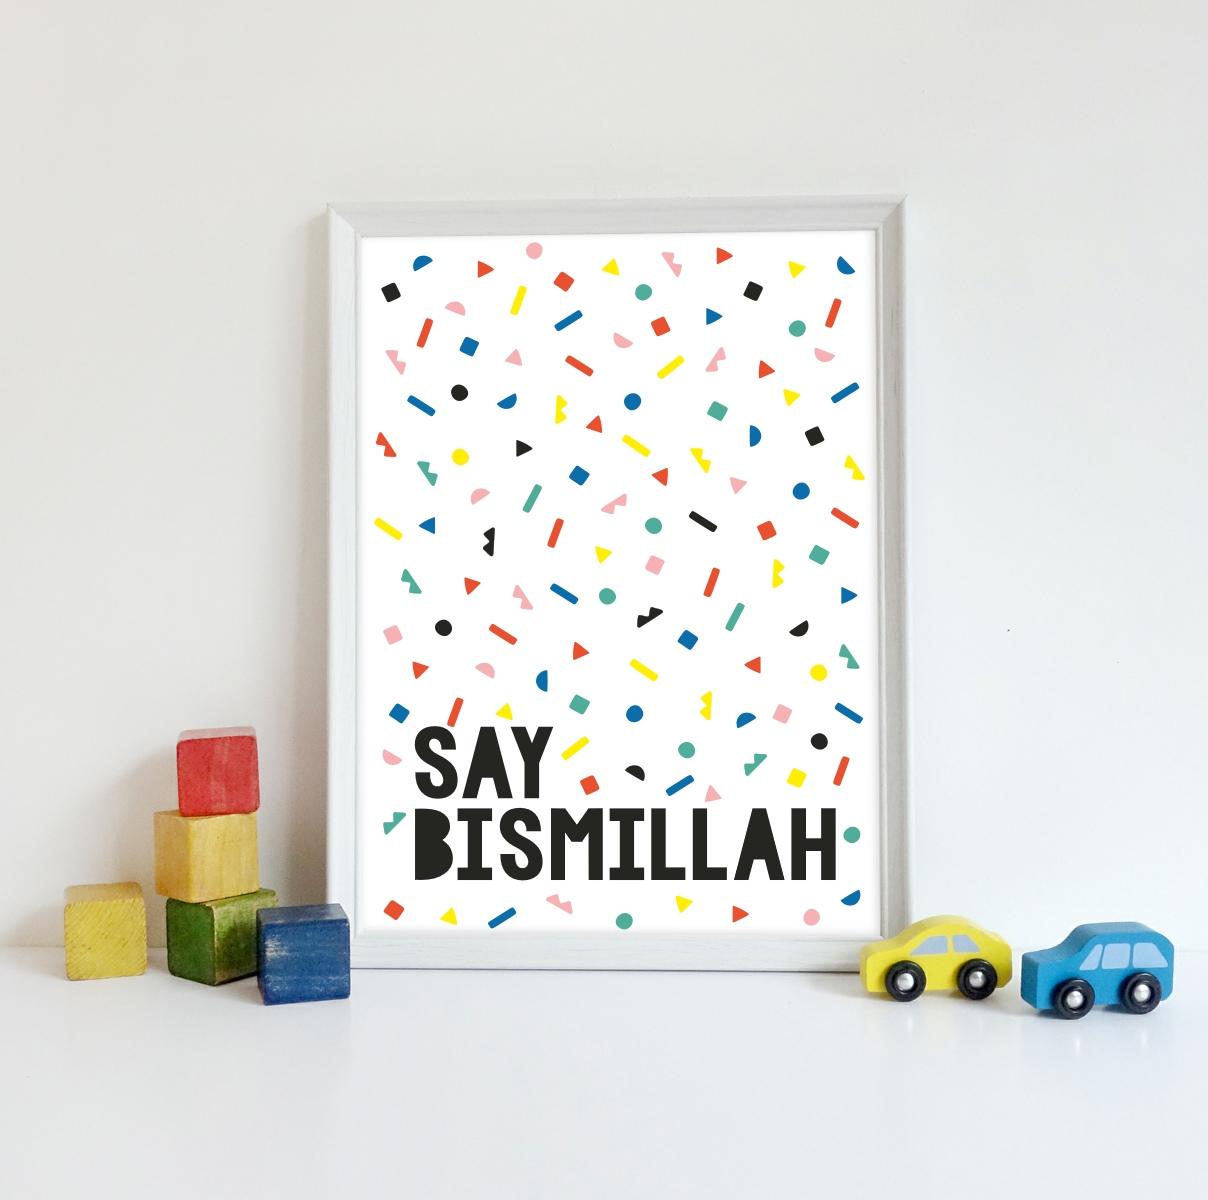 Bismillah The First Word